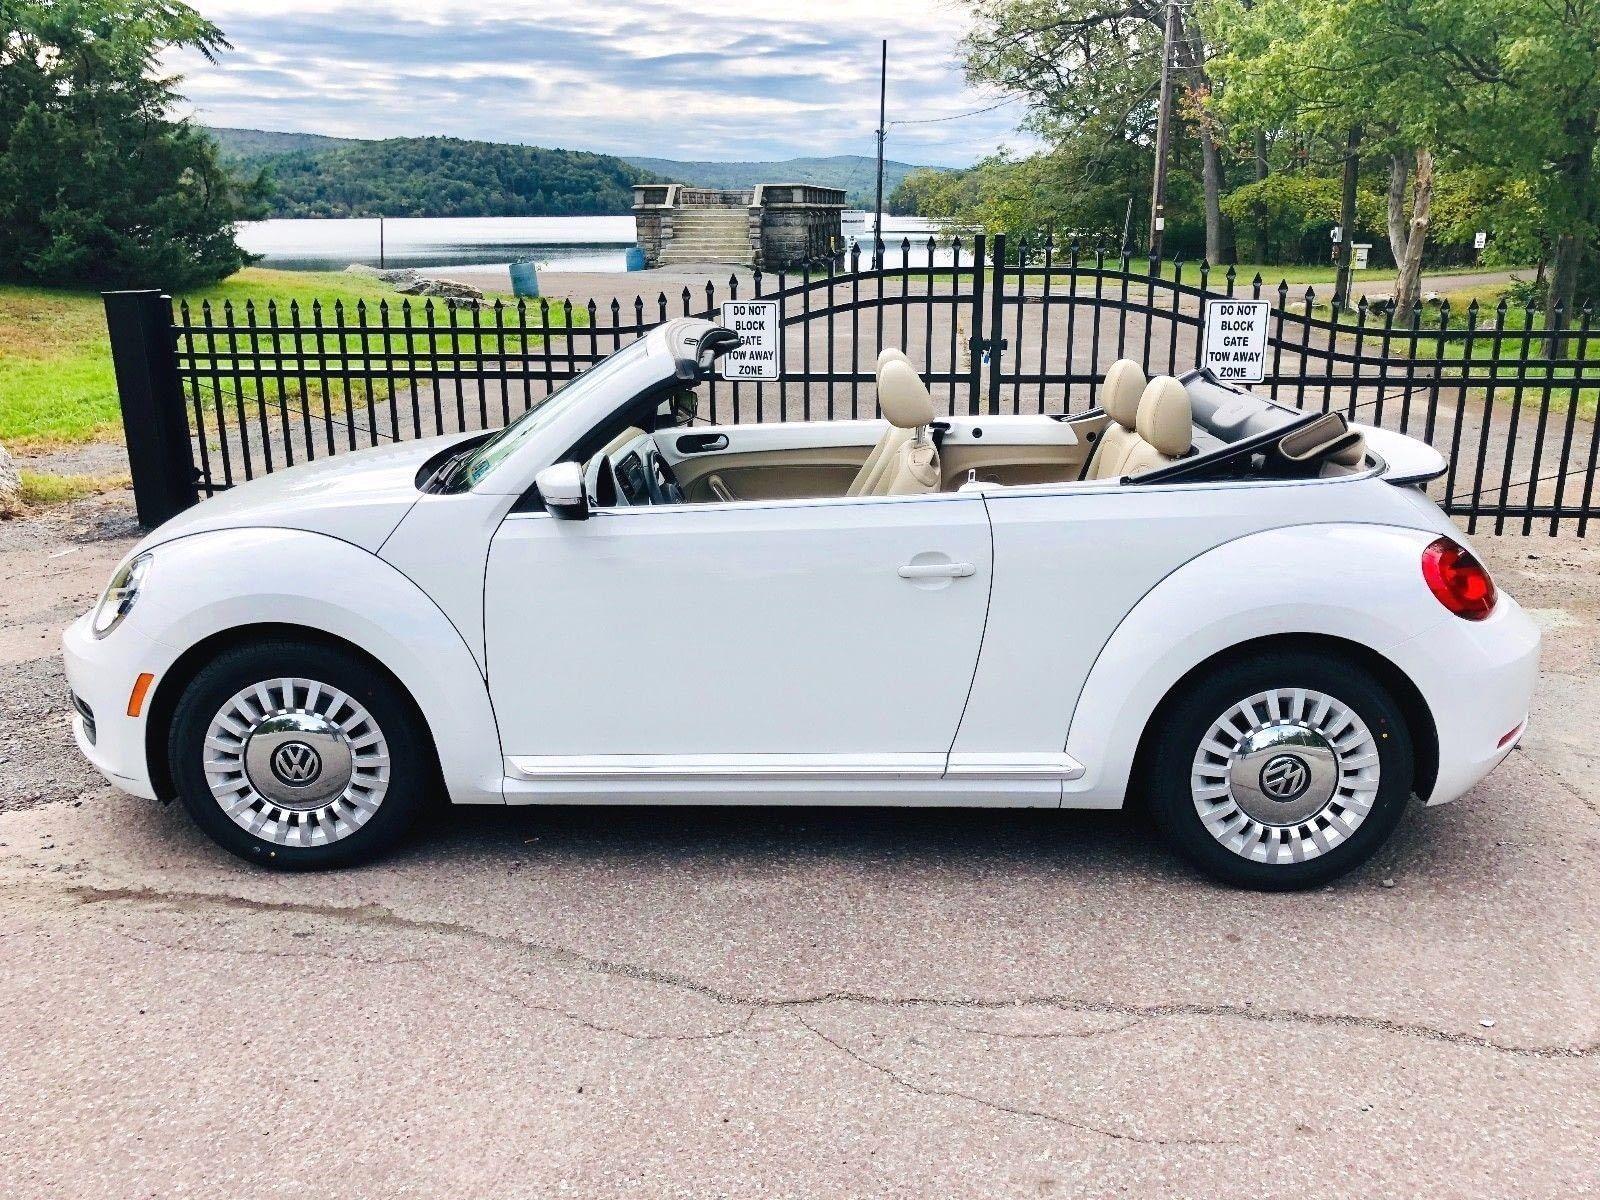 2013 Volkswagen Beetle Cabrio Candy White Mit Beigem Kunstleder 2 5l 5 Zylinder Dieses V In 2020 Volkswagen Beetle Convertible Volkswagen Beetle Volkswagen Convertible